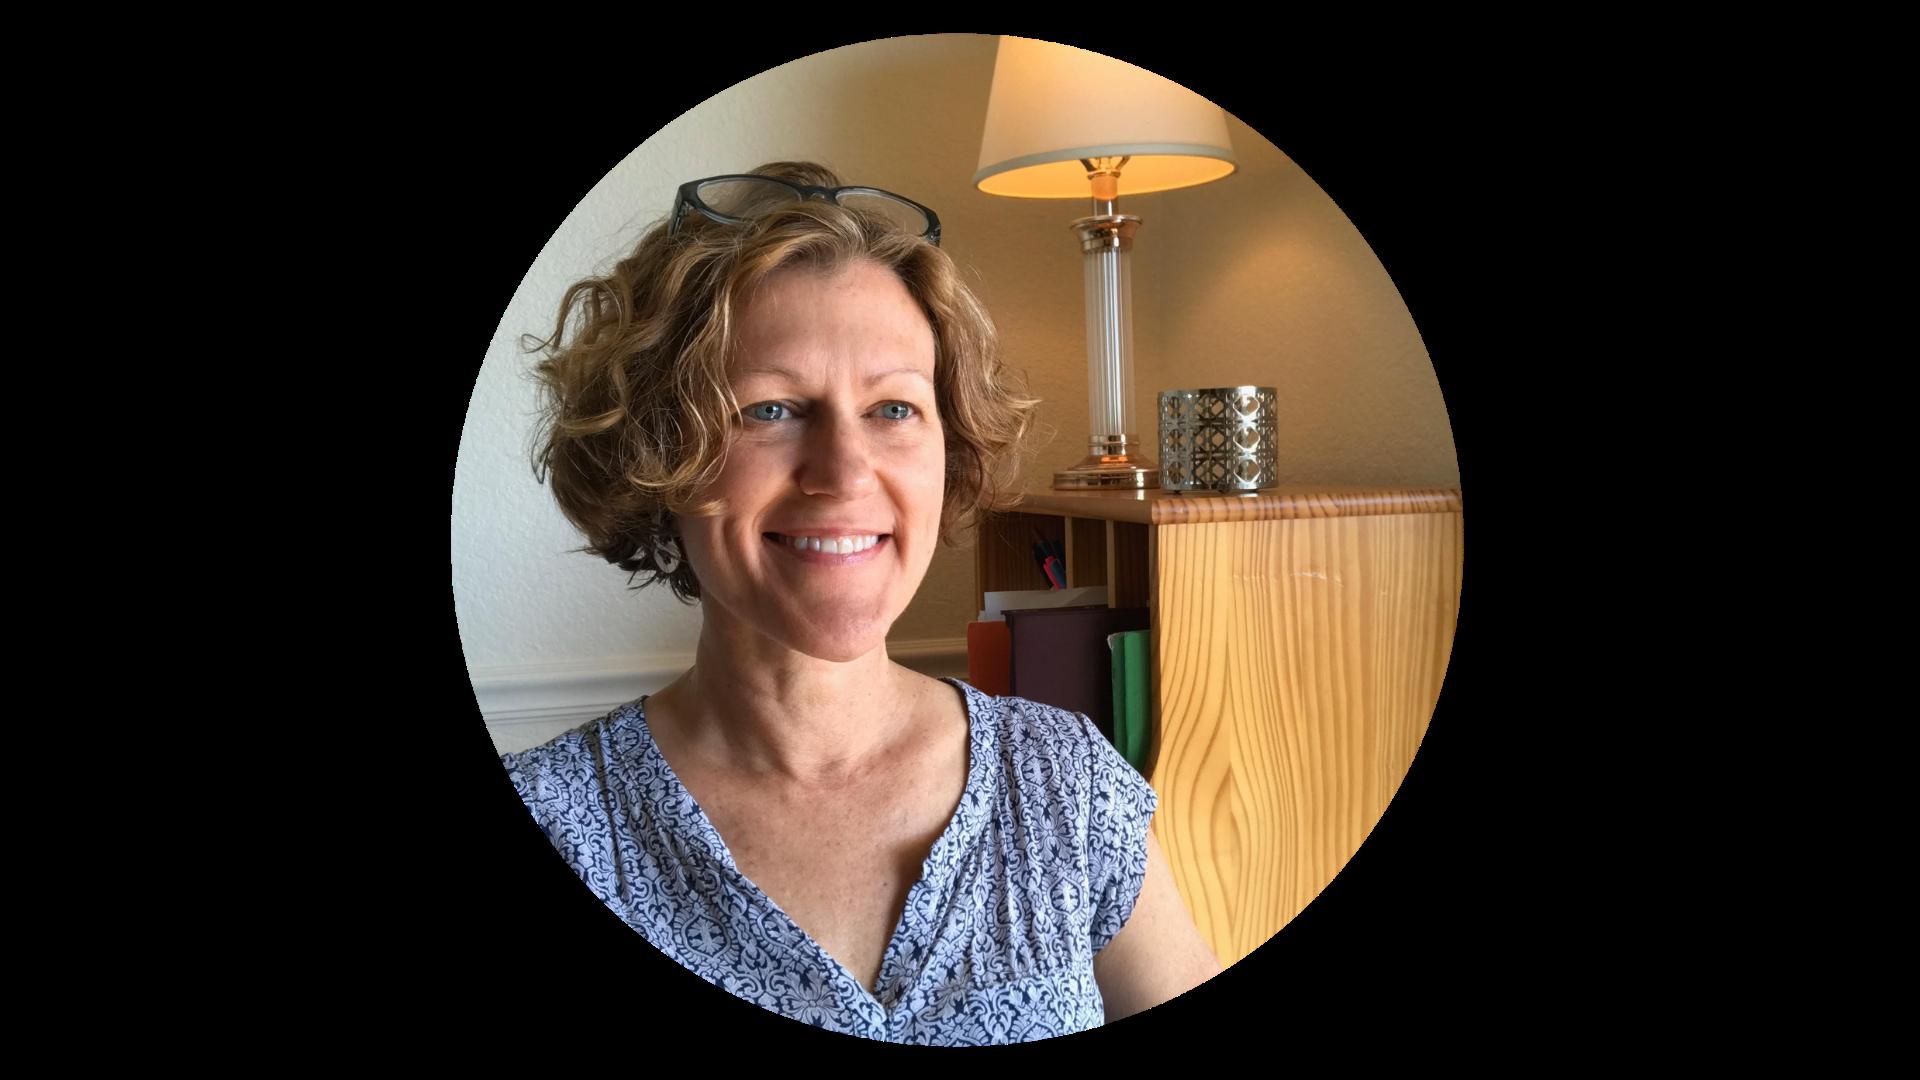 Jen McGahan, massage therapist and writer